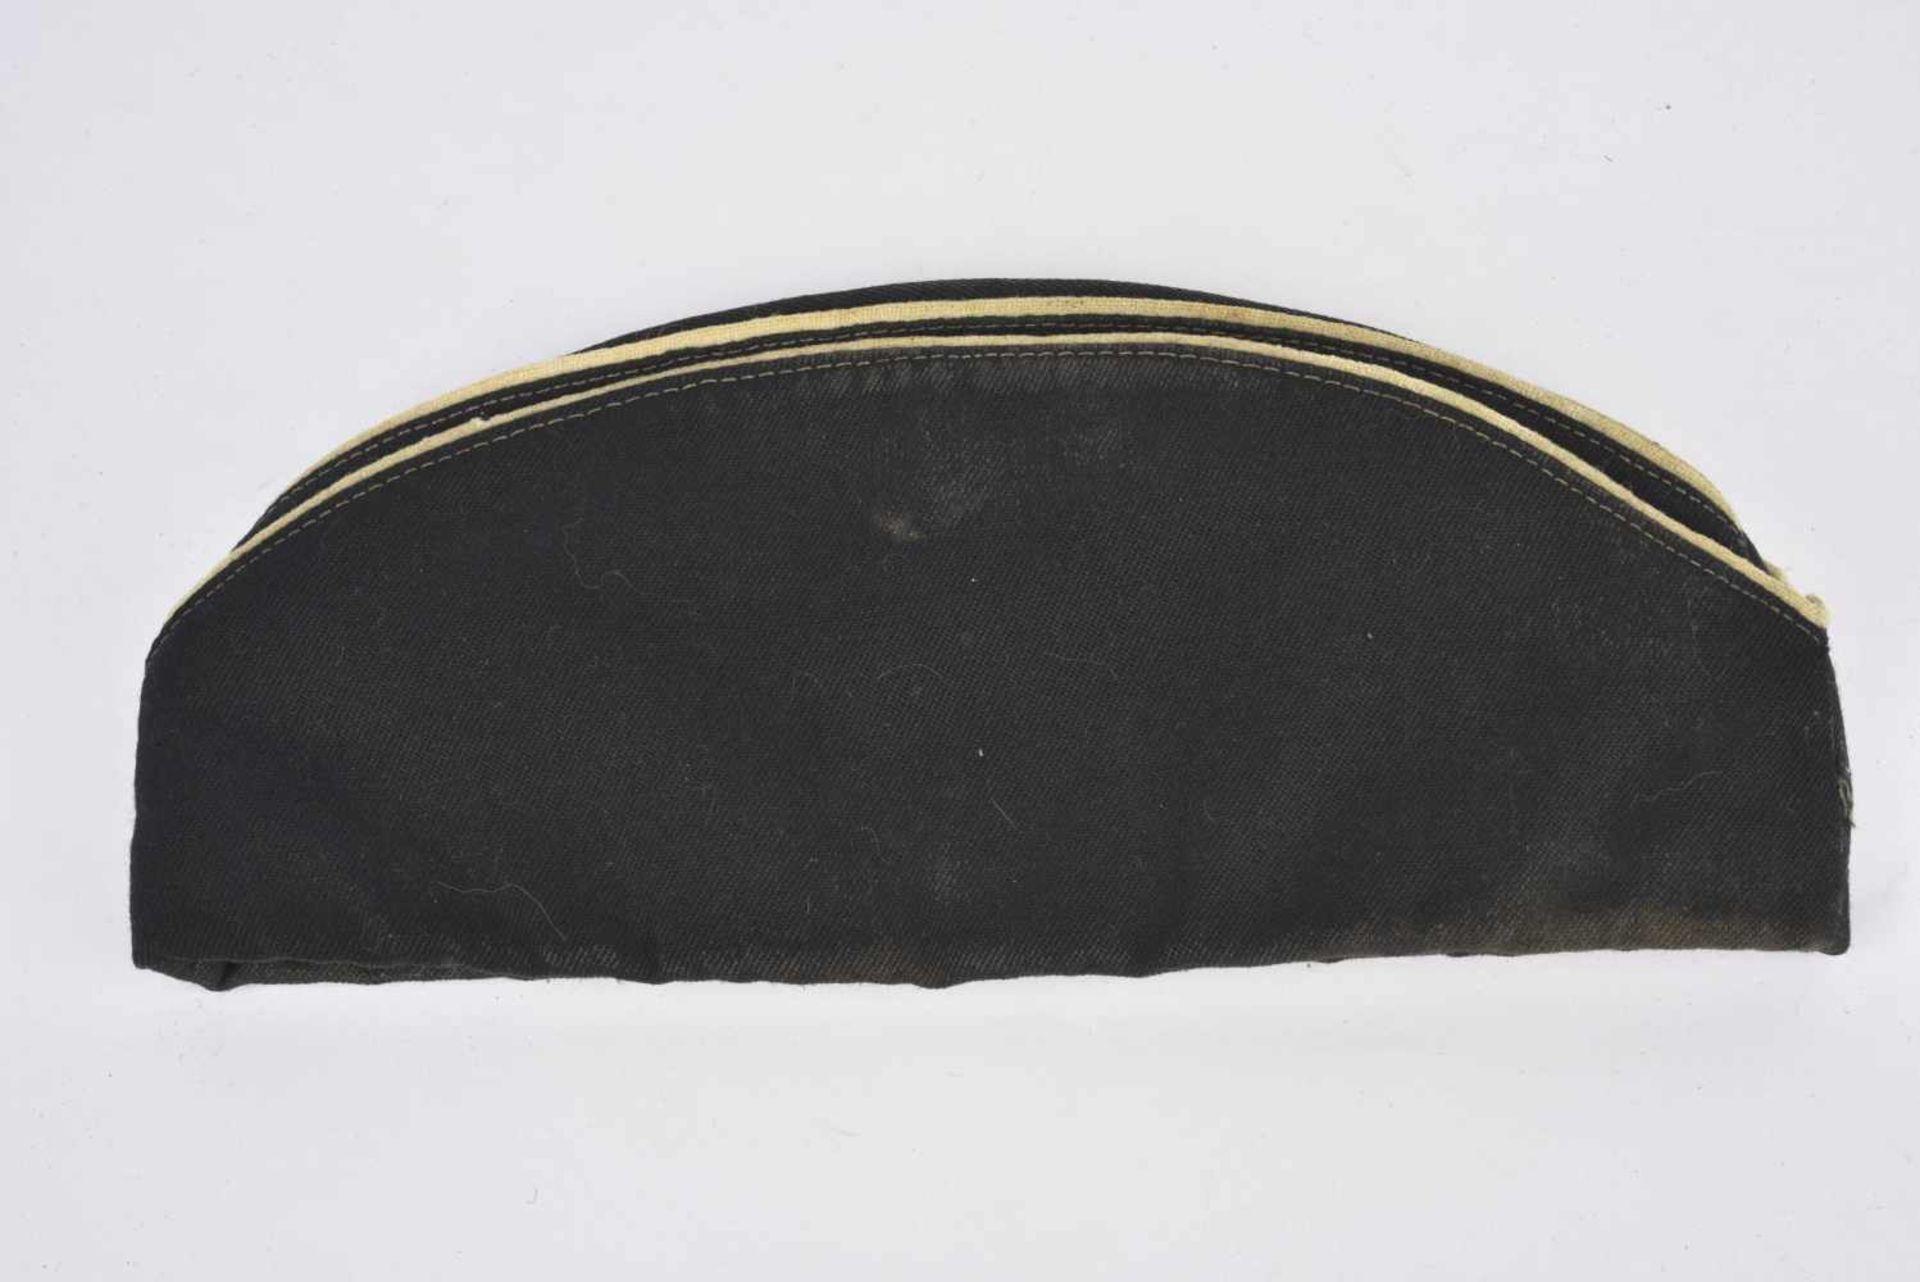 Calot en coton pour officier de la marine Exemplaire porté. Bonne taille. Sansattributs. Pilotka for - Bild 4 aus 4